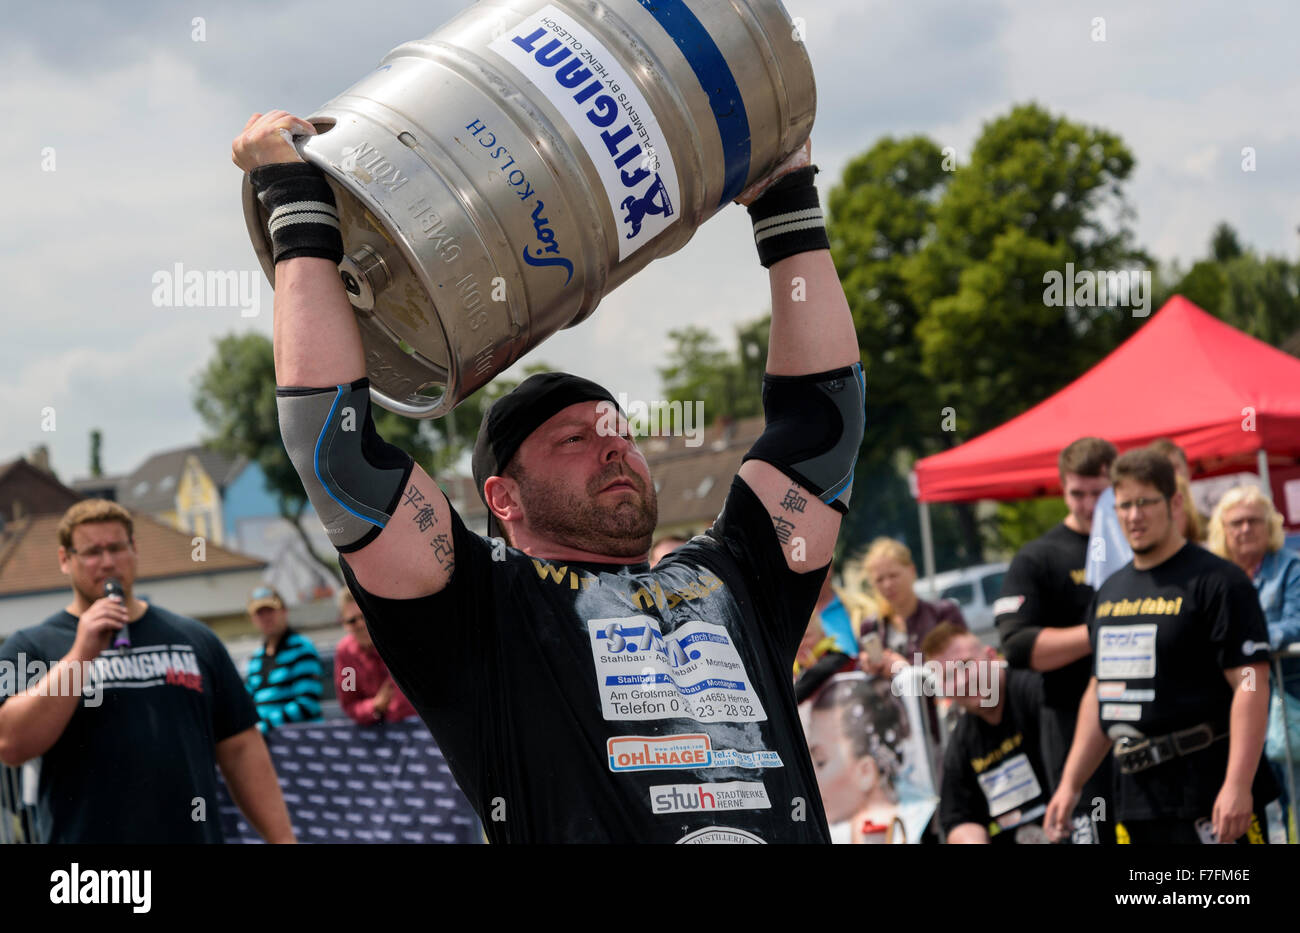 Un uomo forte dimostra la sua forza ad un pubblico di atletica leggera evento sportivo. Immagini Stock